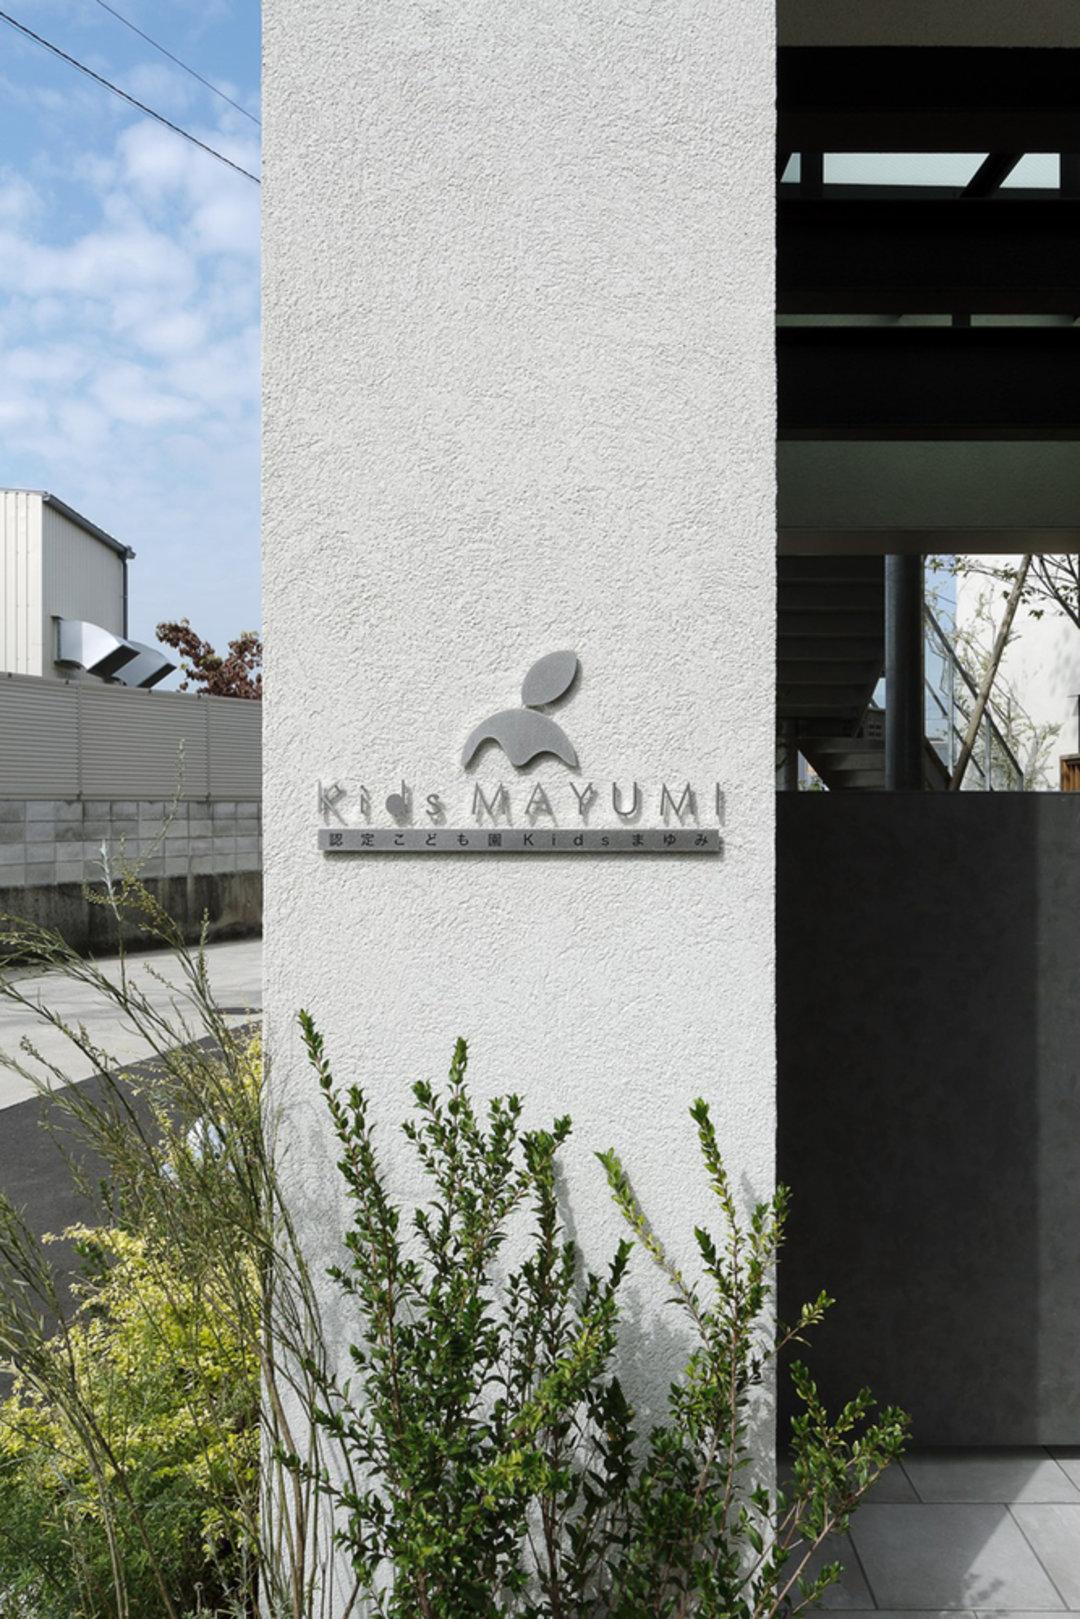 日本幼儿园设计专业户的新作,有一排绿色的楼梯_设计_好奇心日报